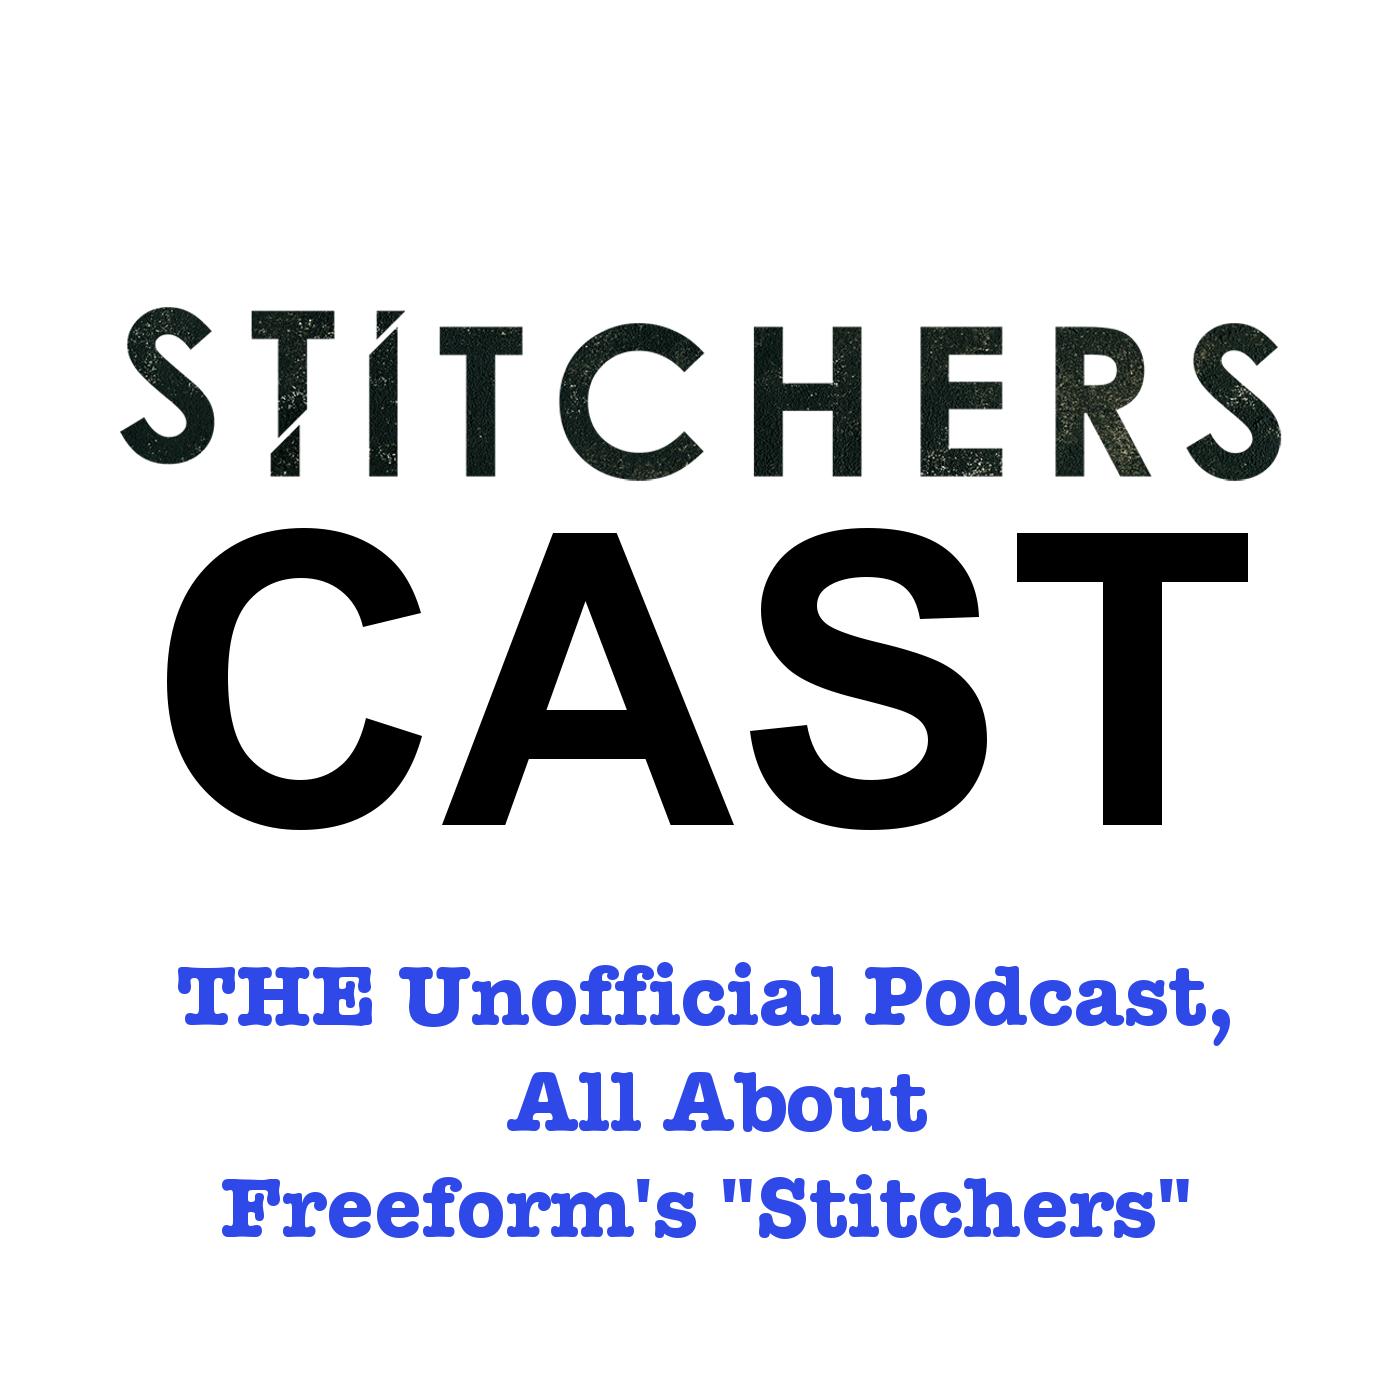 StitchersCast - A Fan Podcast about the Stitchers TV Show show art